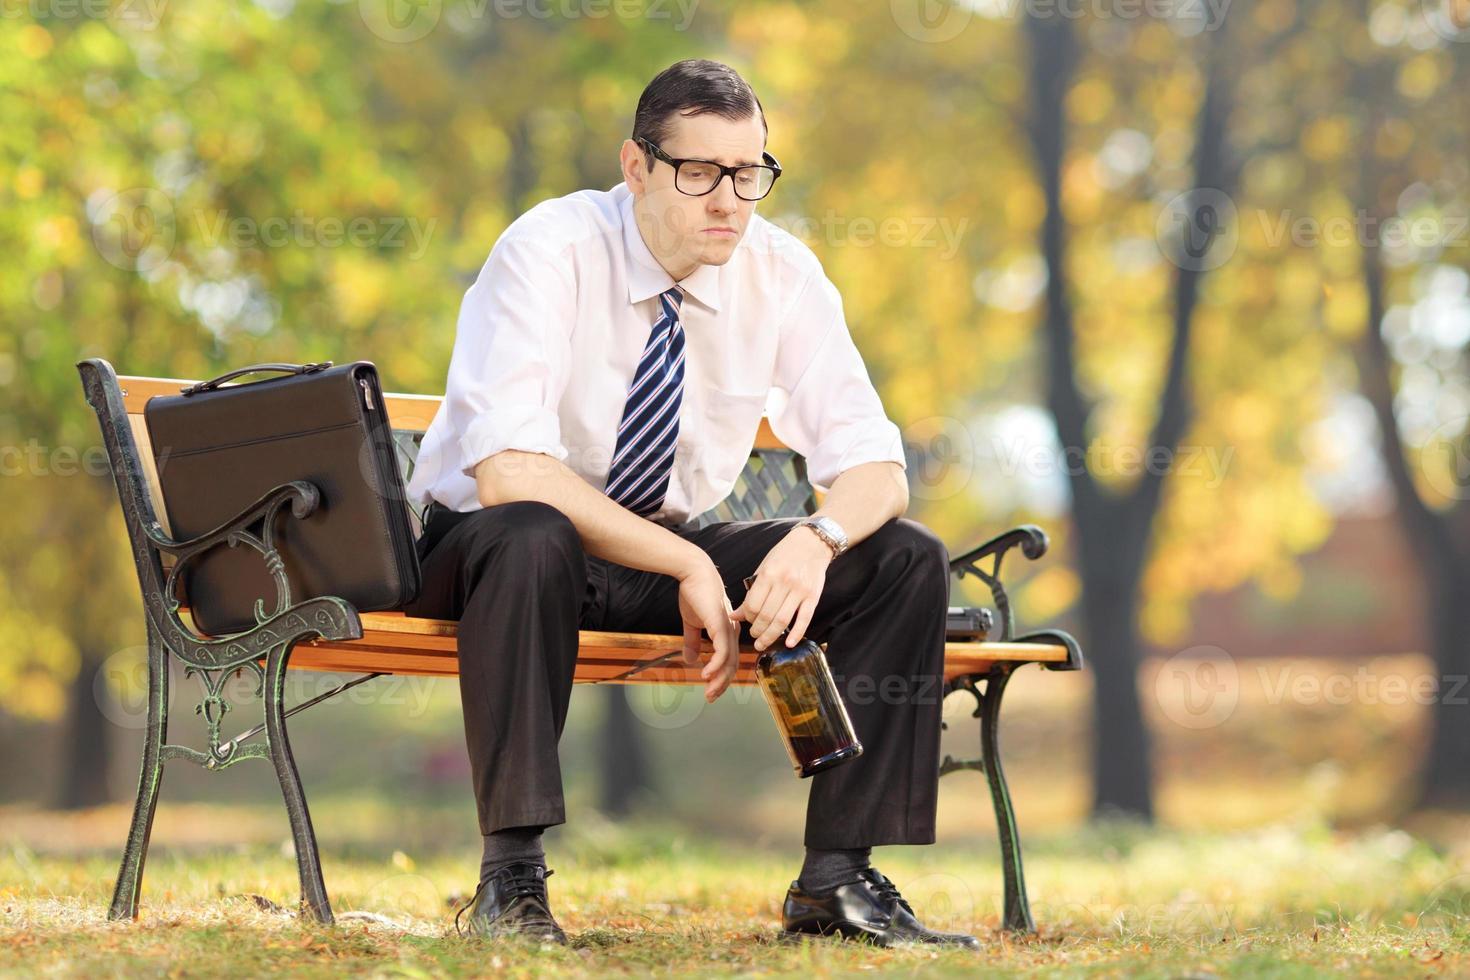 enttäuschter Geschäftsmann, der auf einer Holzbank im Park sitzt foto